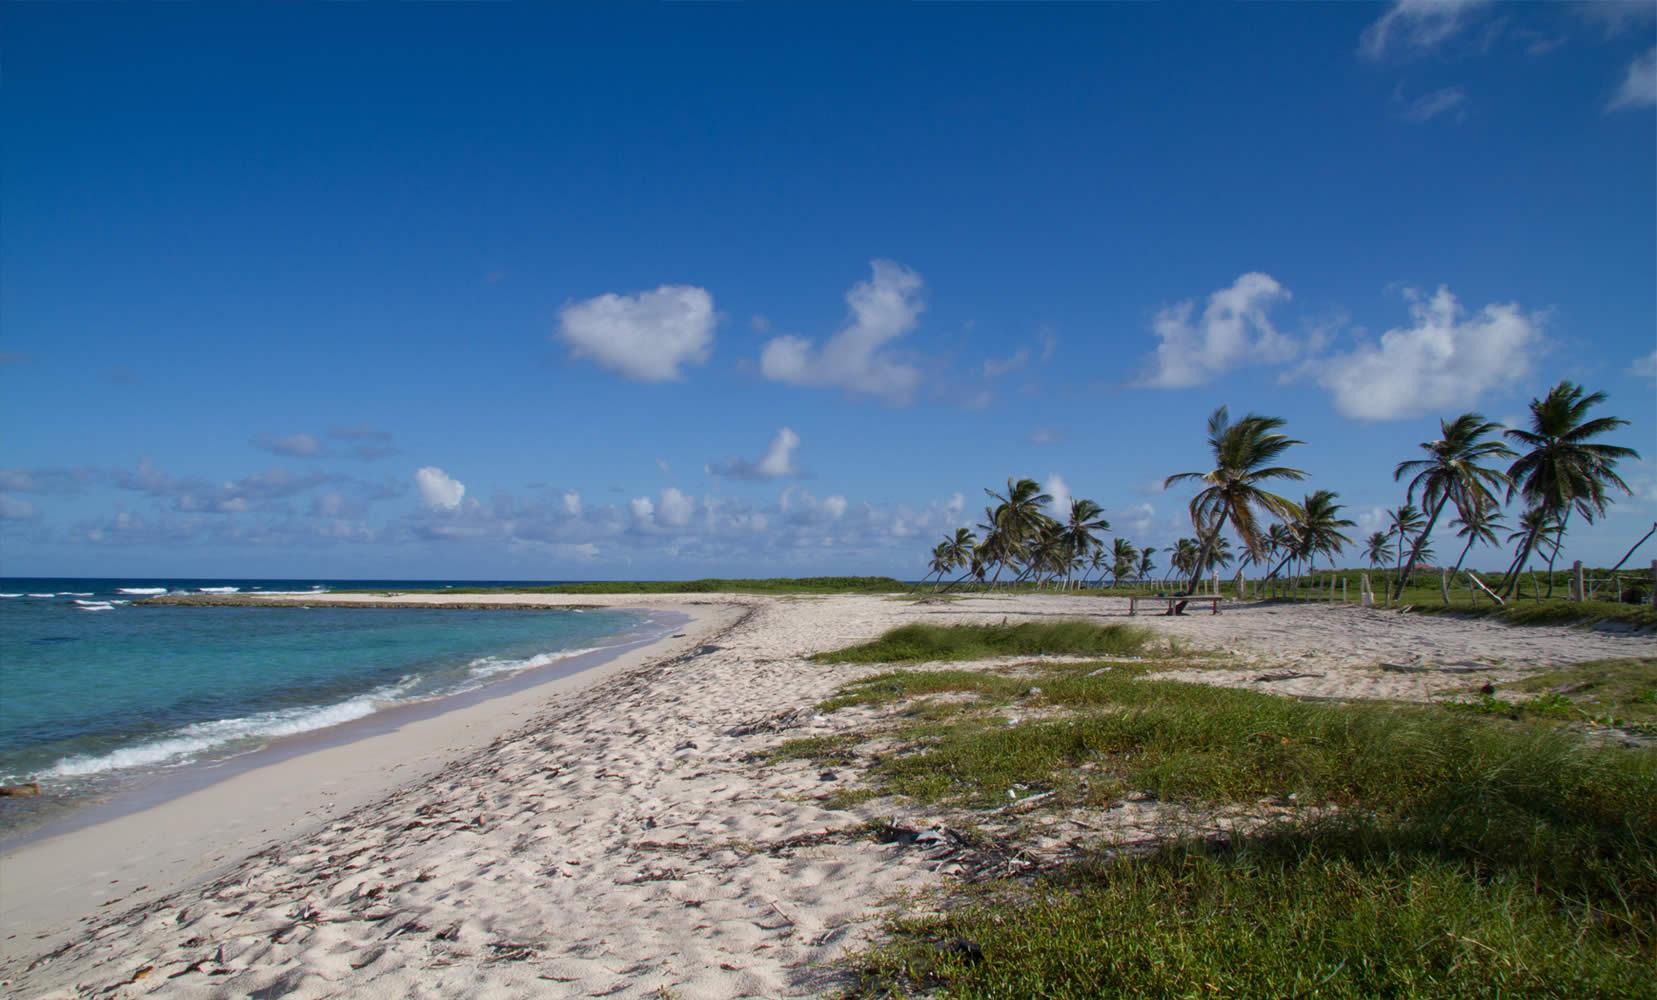 Купить землю в деревне в доминиканской республике